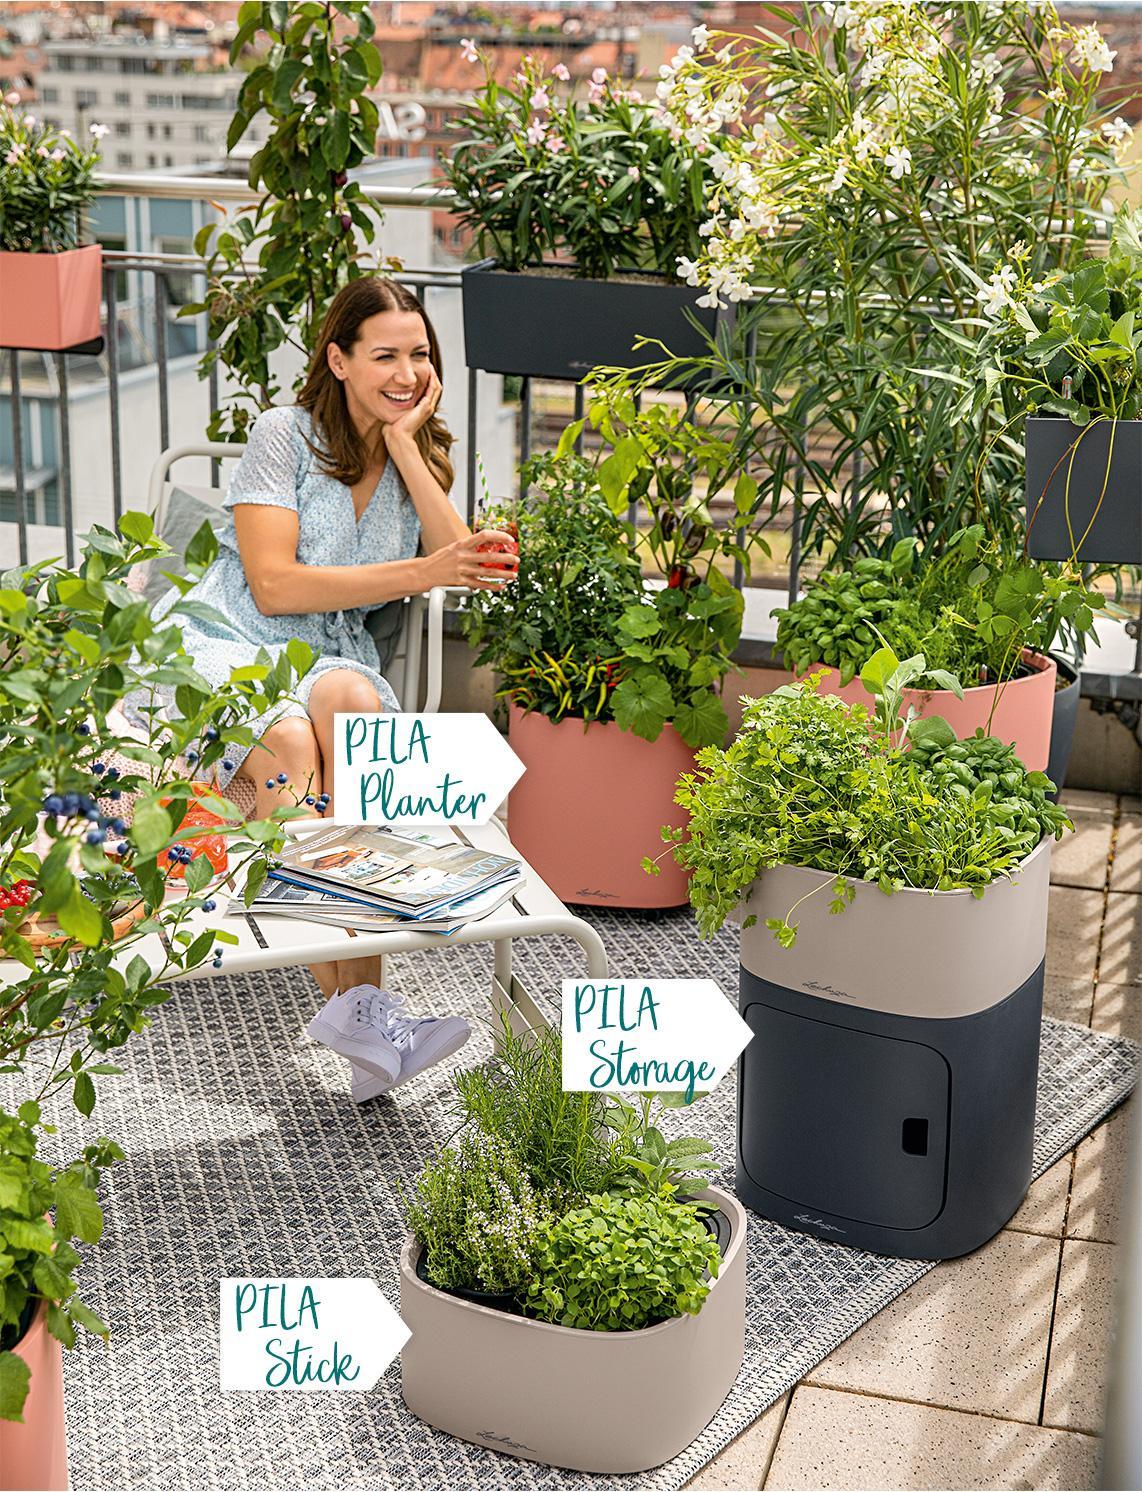 Mutter und Tochter sitzen auf Balkon mit bepflanzten PILA Pflanzgefäßen